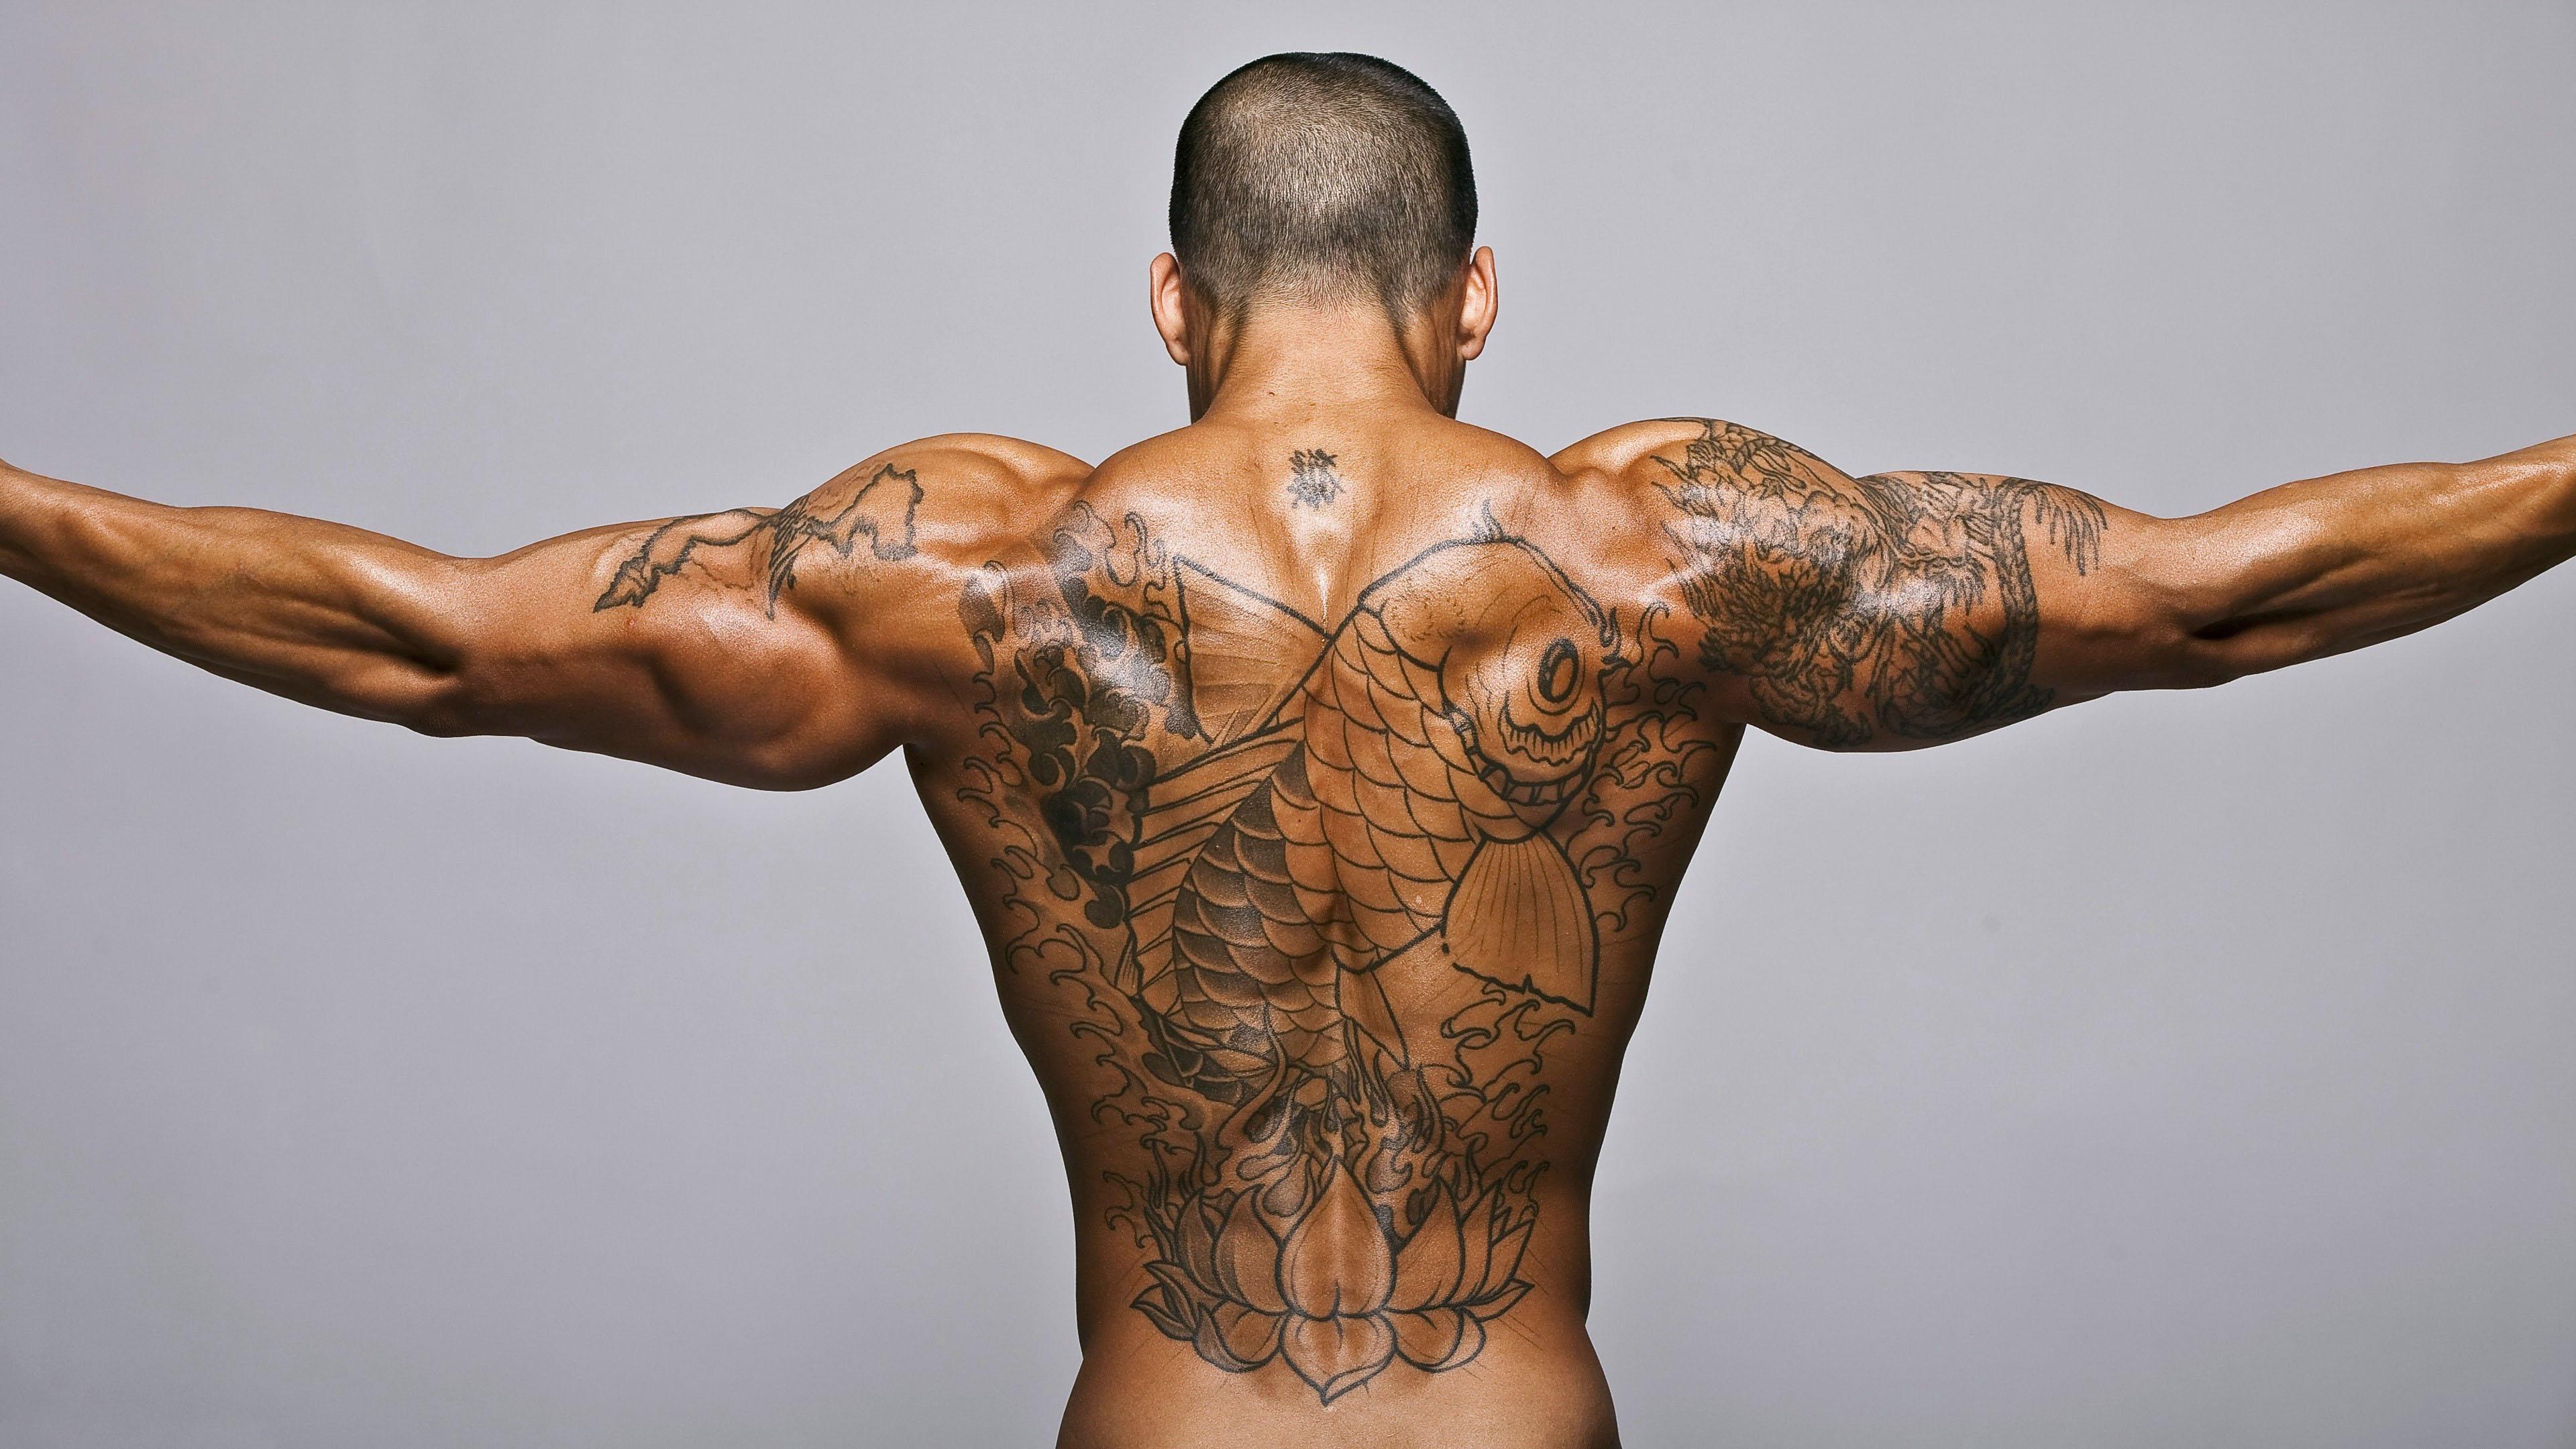 HDoboi.Kiev.ua - Татуировка рыбы на спине у накаченного мужчины, тату у парня